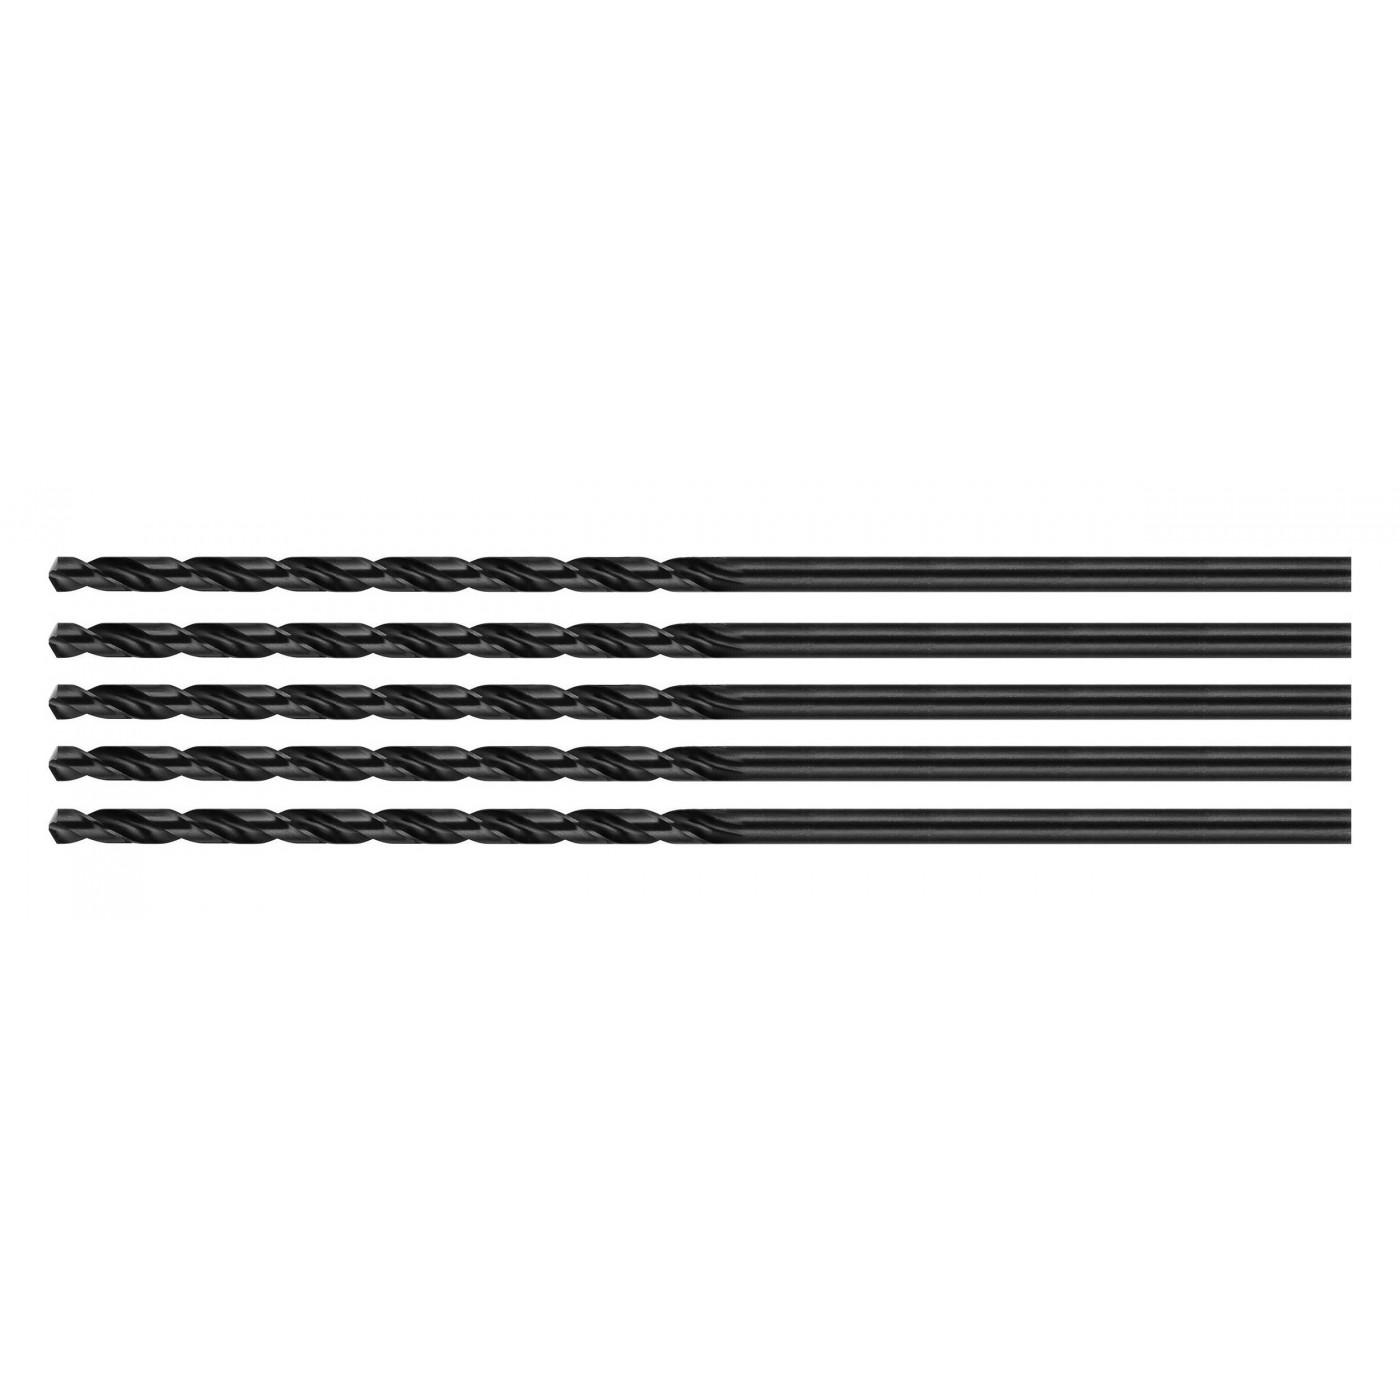 Set von 5 Metallbohrern (HSS, 4,5x200 mm)